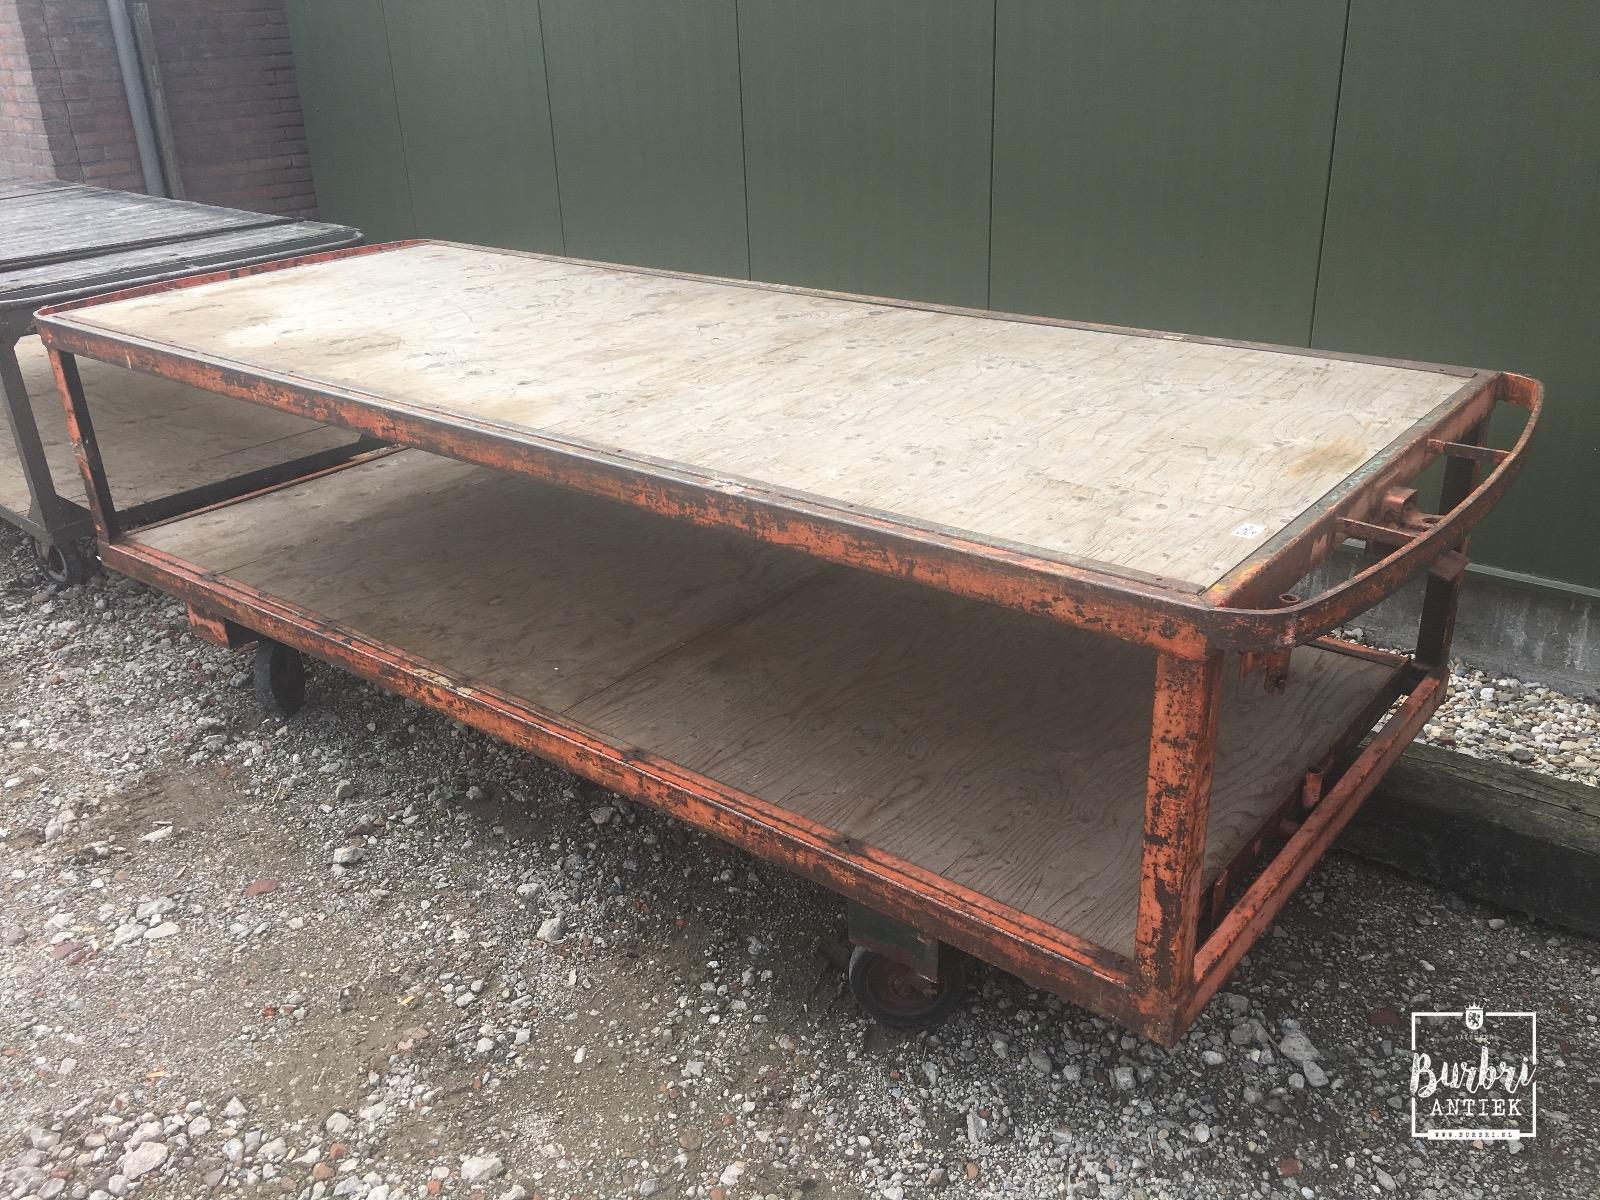 Industrial big industrial worktable on wheels antieke tafels